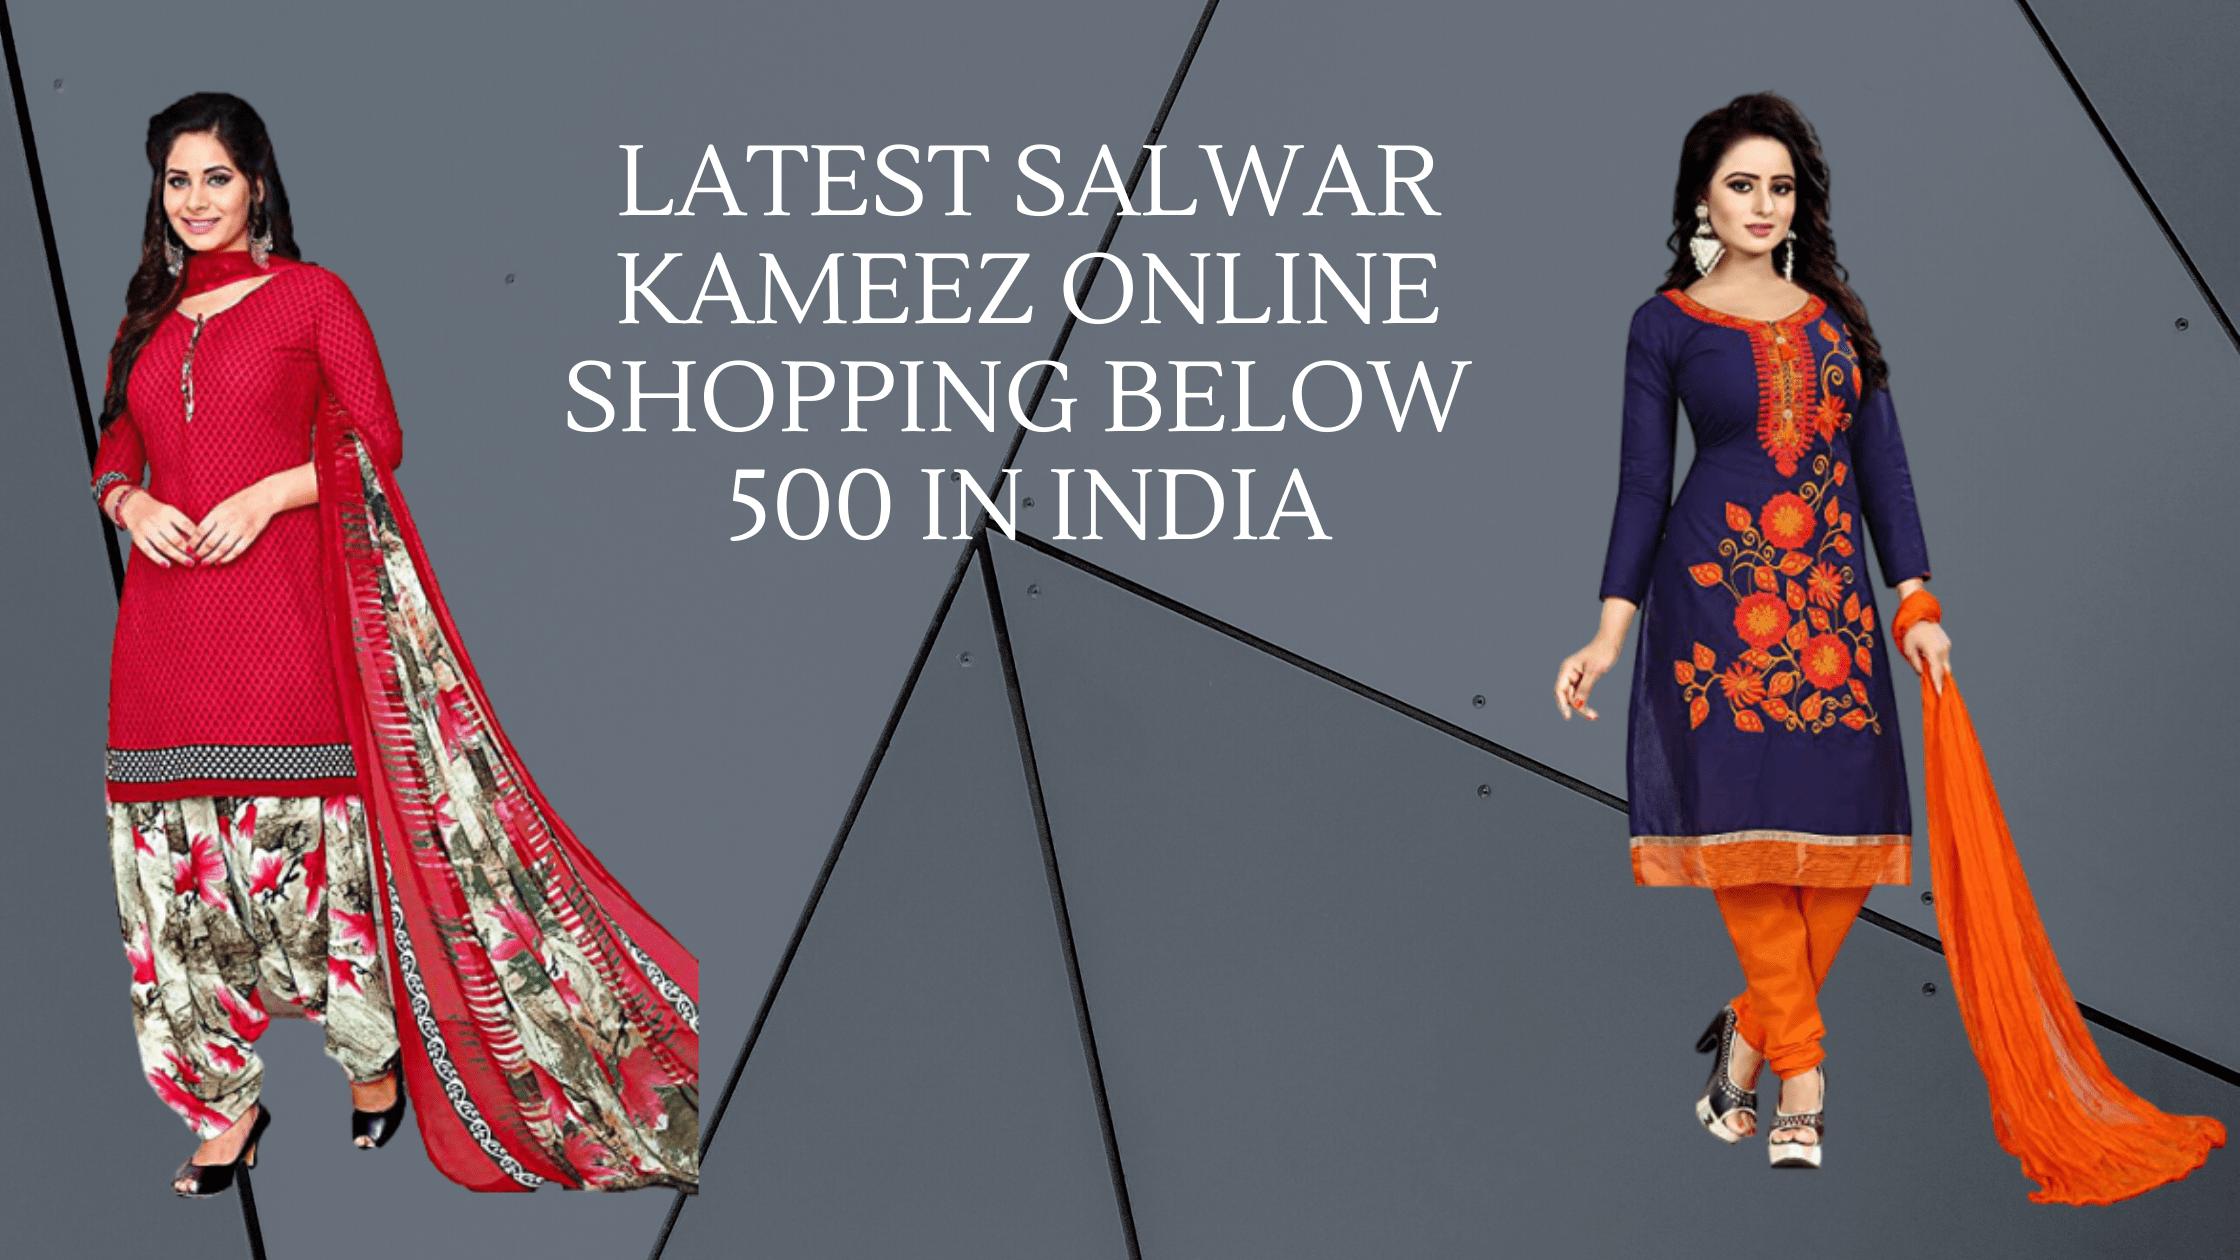 Salwar kameez online shopping below 500